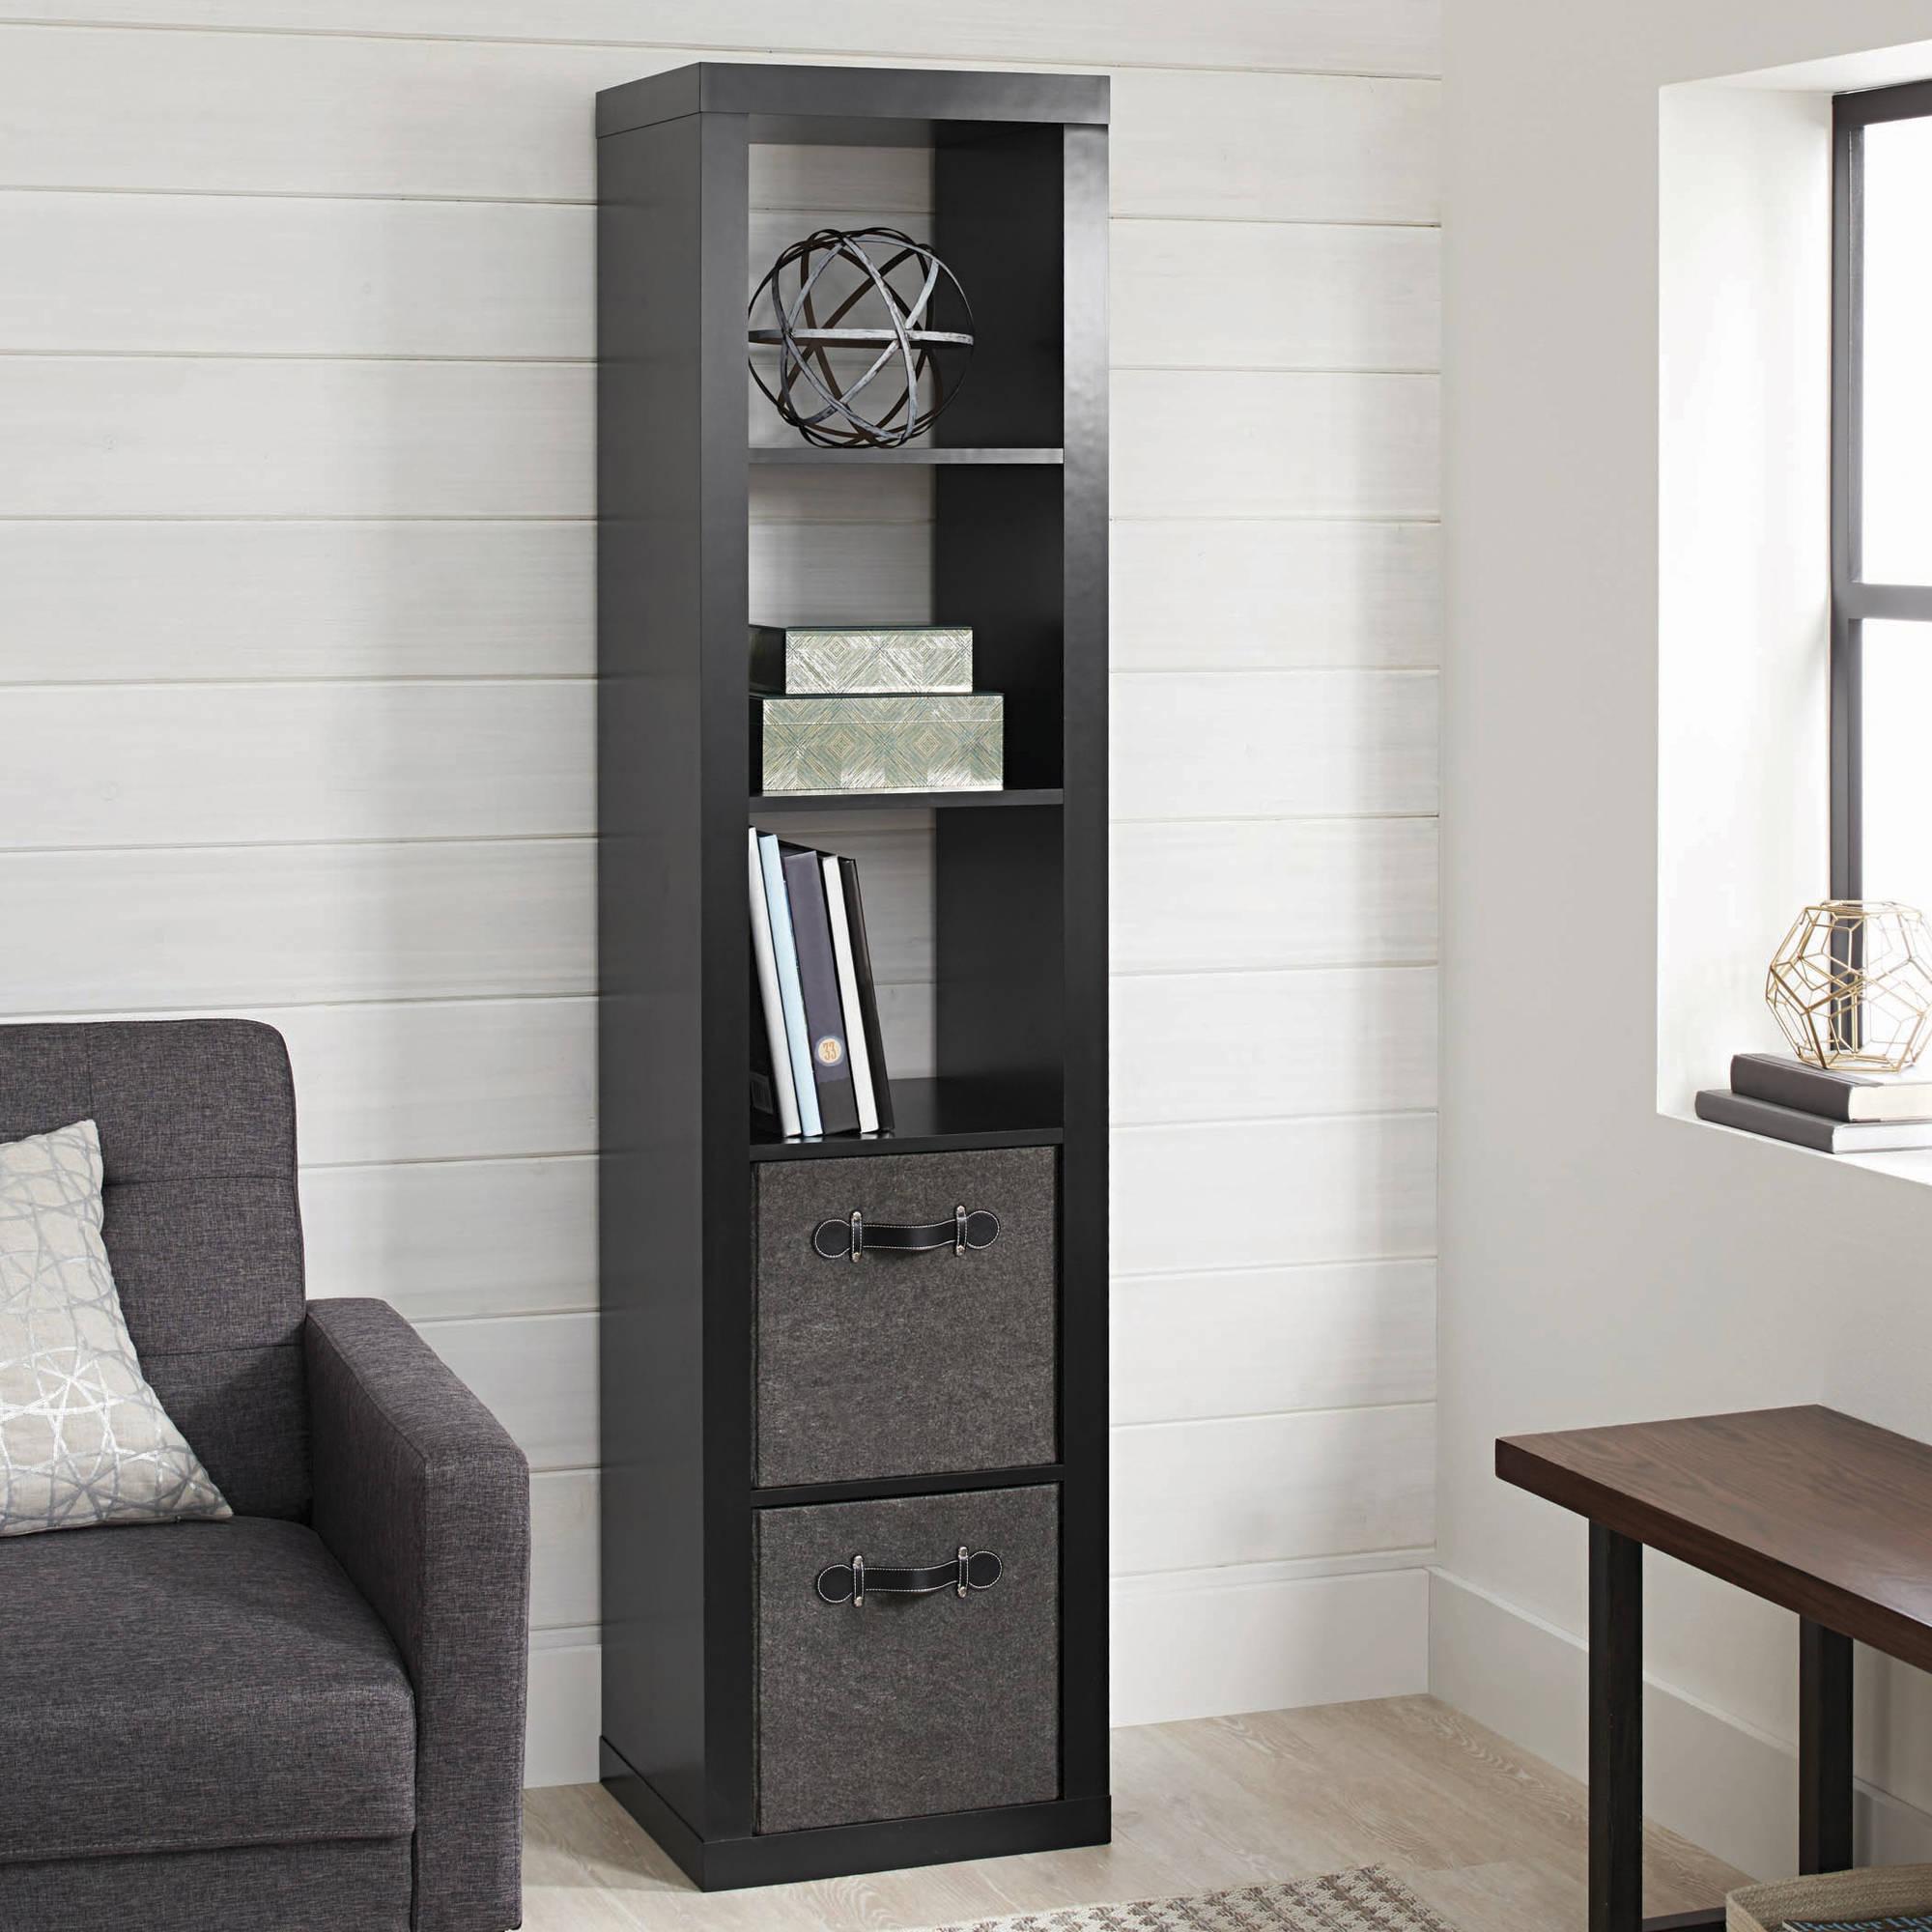 Estantería de almacenamiento Simple para libros, plantas diversos, estantería de combinación DIY, estantería de pie, estantería para niños